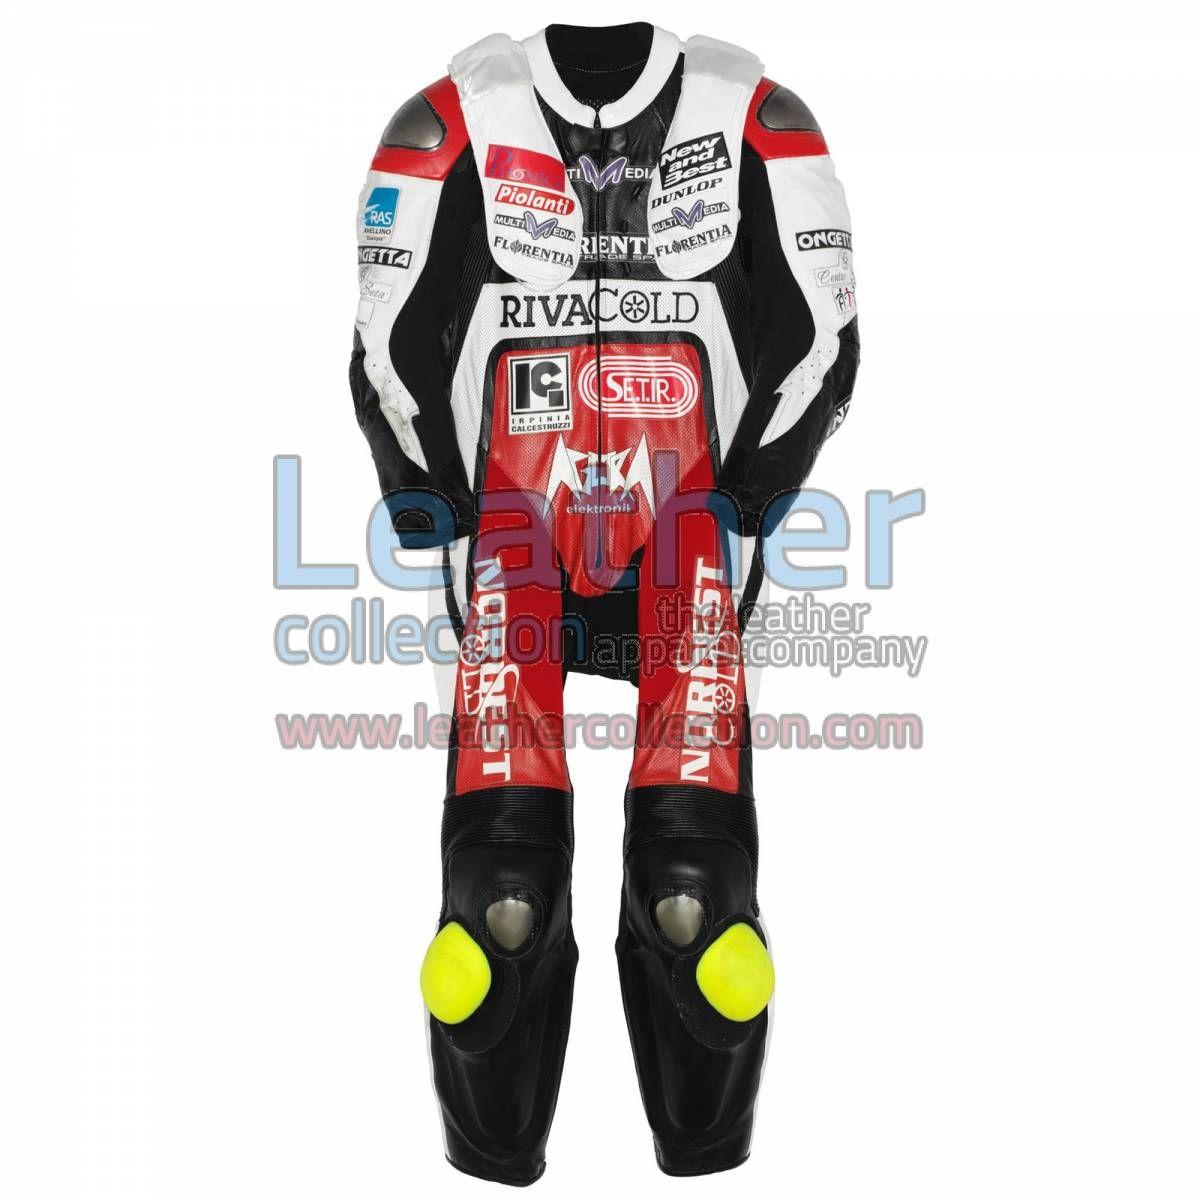 Simone Grotzkyj Giorgi Aprilia GP 2007 Leathers for $719.20 - https://www.leathercollection.com/en-we/simone-grotzkyj-giorgi-aprilia-leathers.html